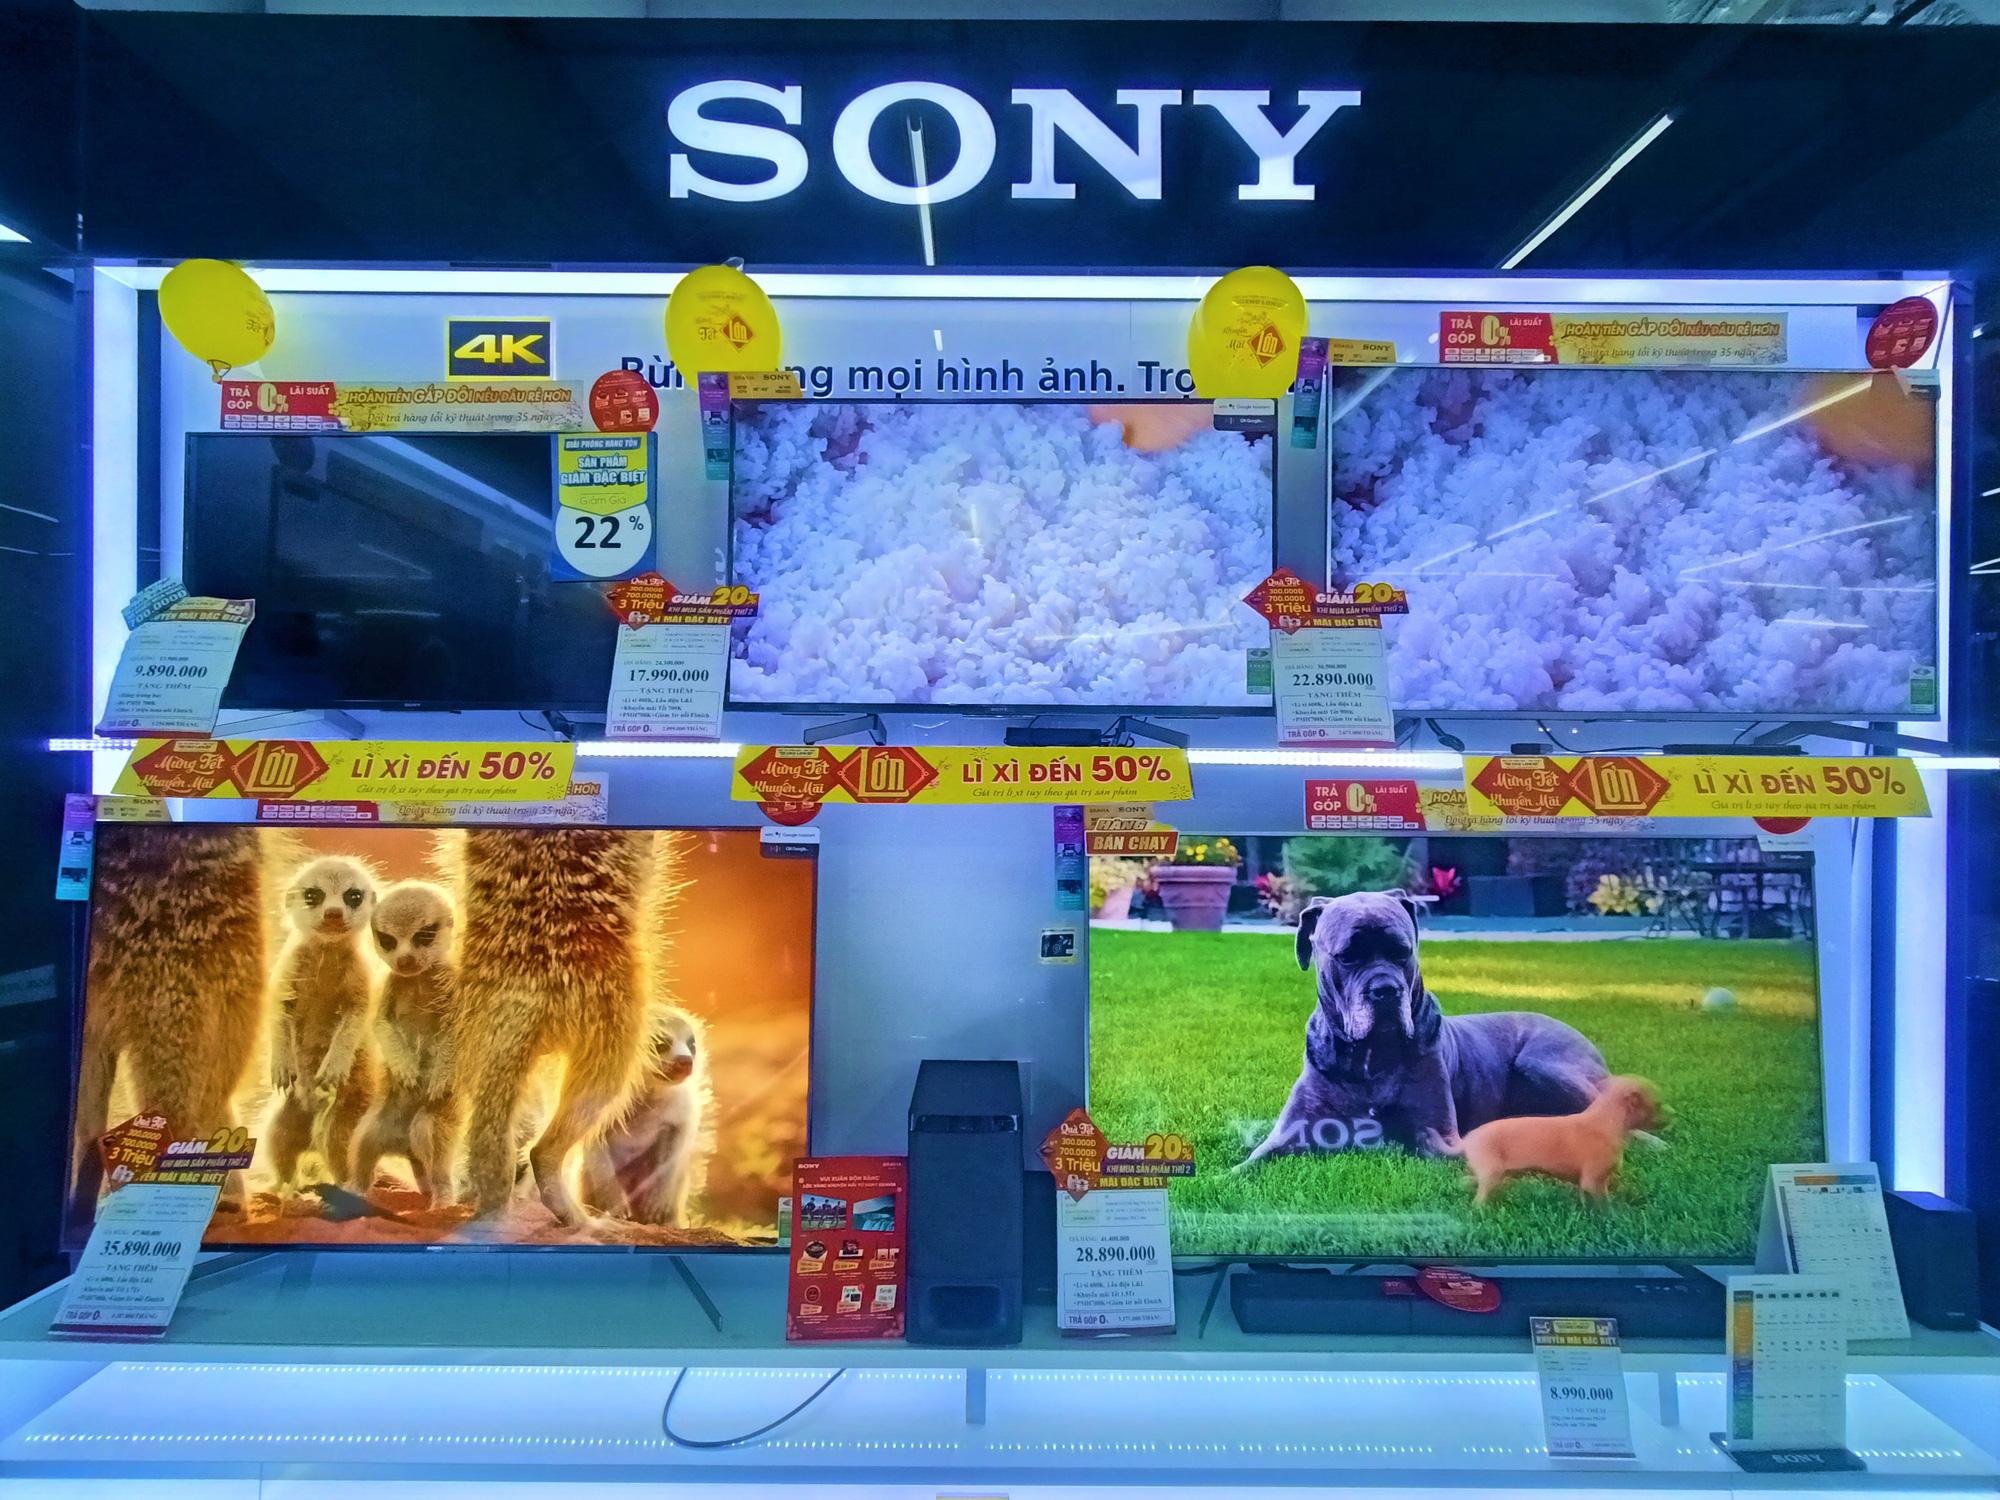 Tivi giảm giá tuần này: Ưu đãi ngập tràn để kích cầu mua sắm trong dịp cận Tết - Ảnh 4.